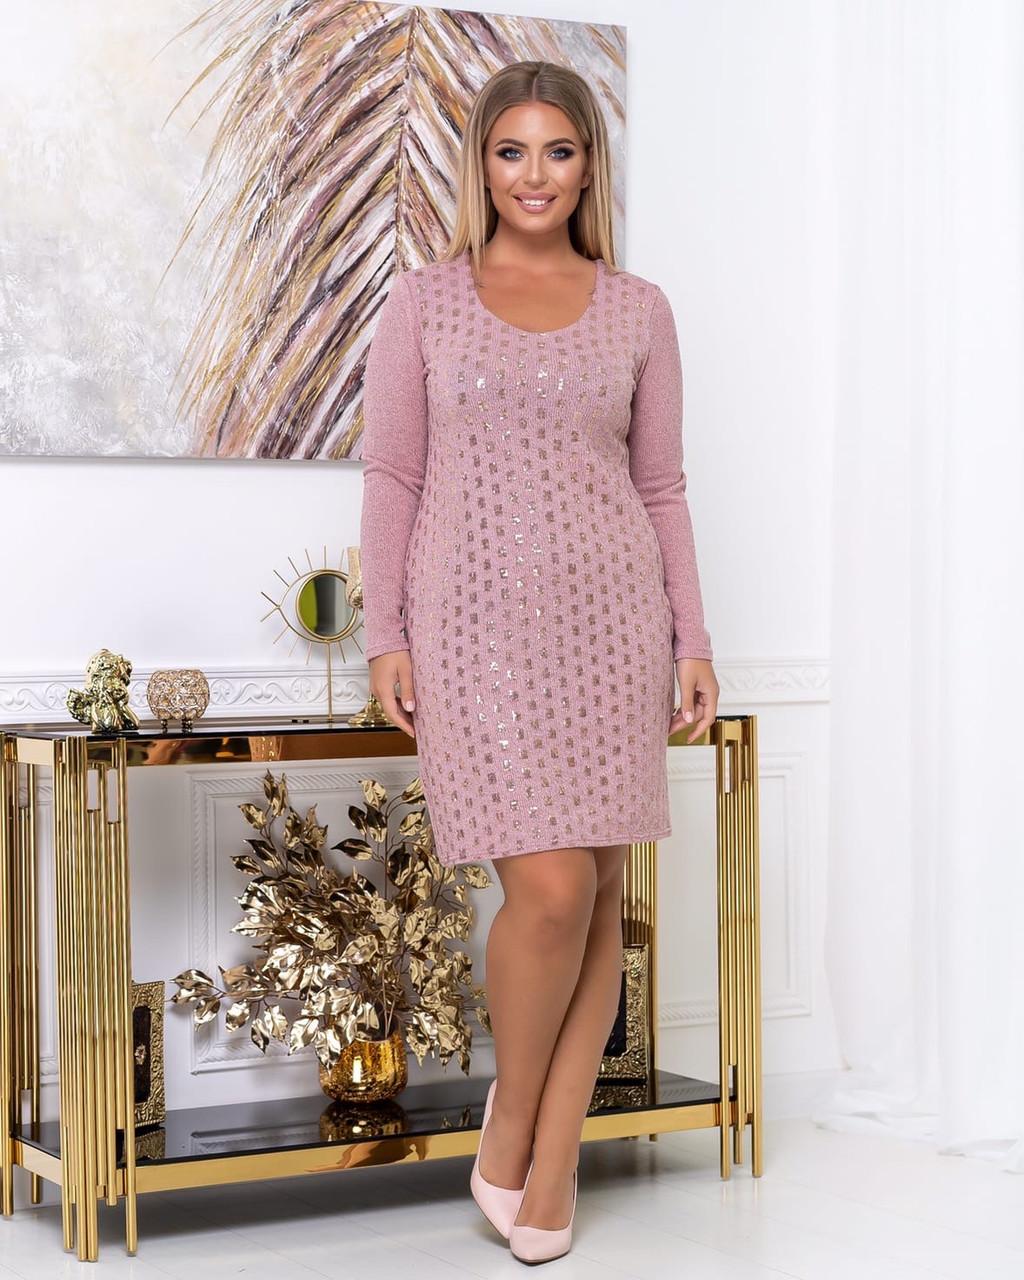 Платье из тонкой вязки повседневное, демисезонное, разные цвета р.48.50.52.54.56 Код Бордо